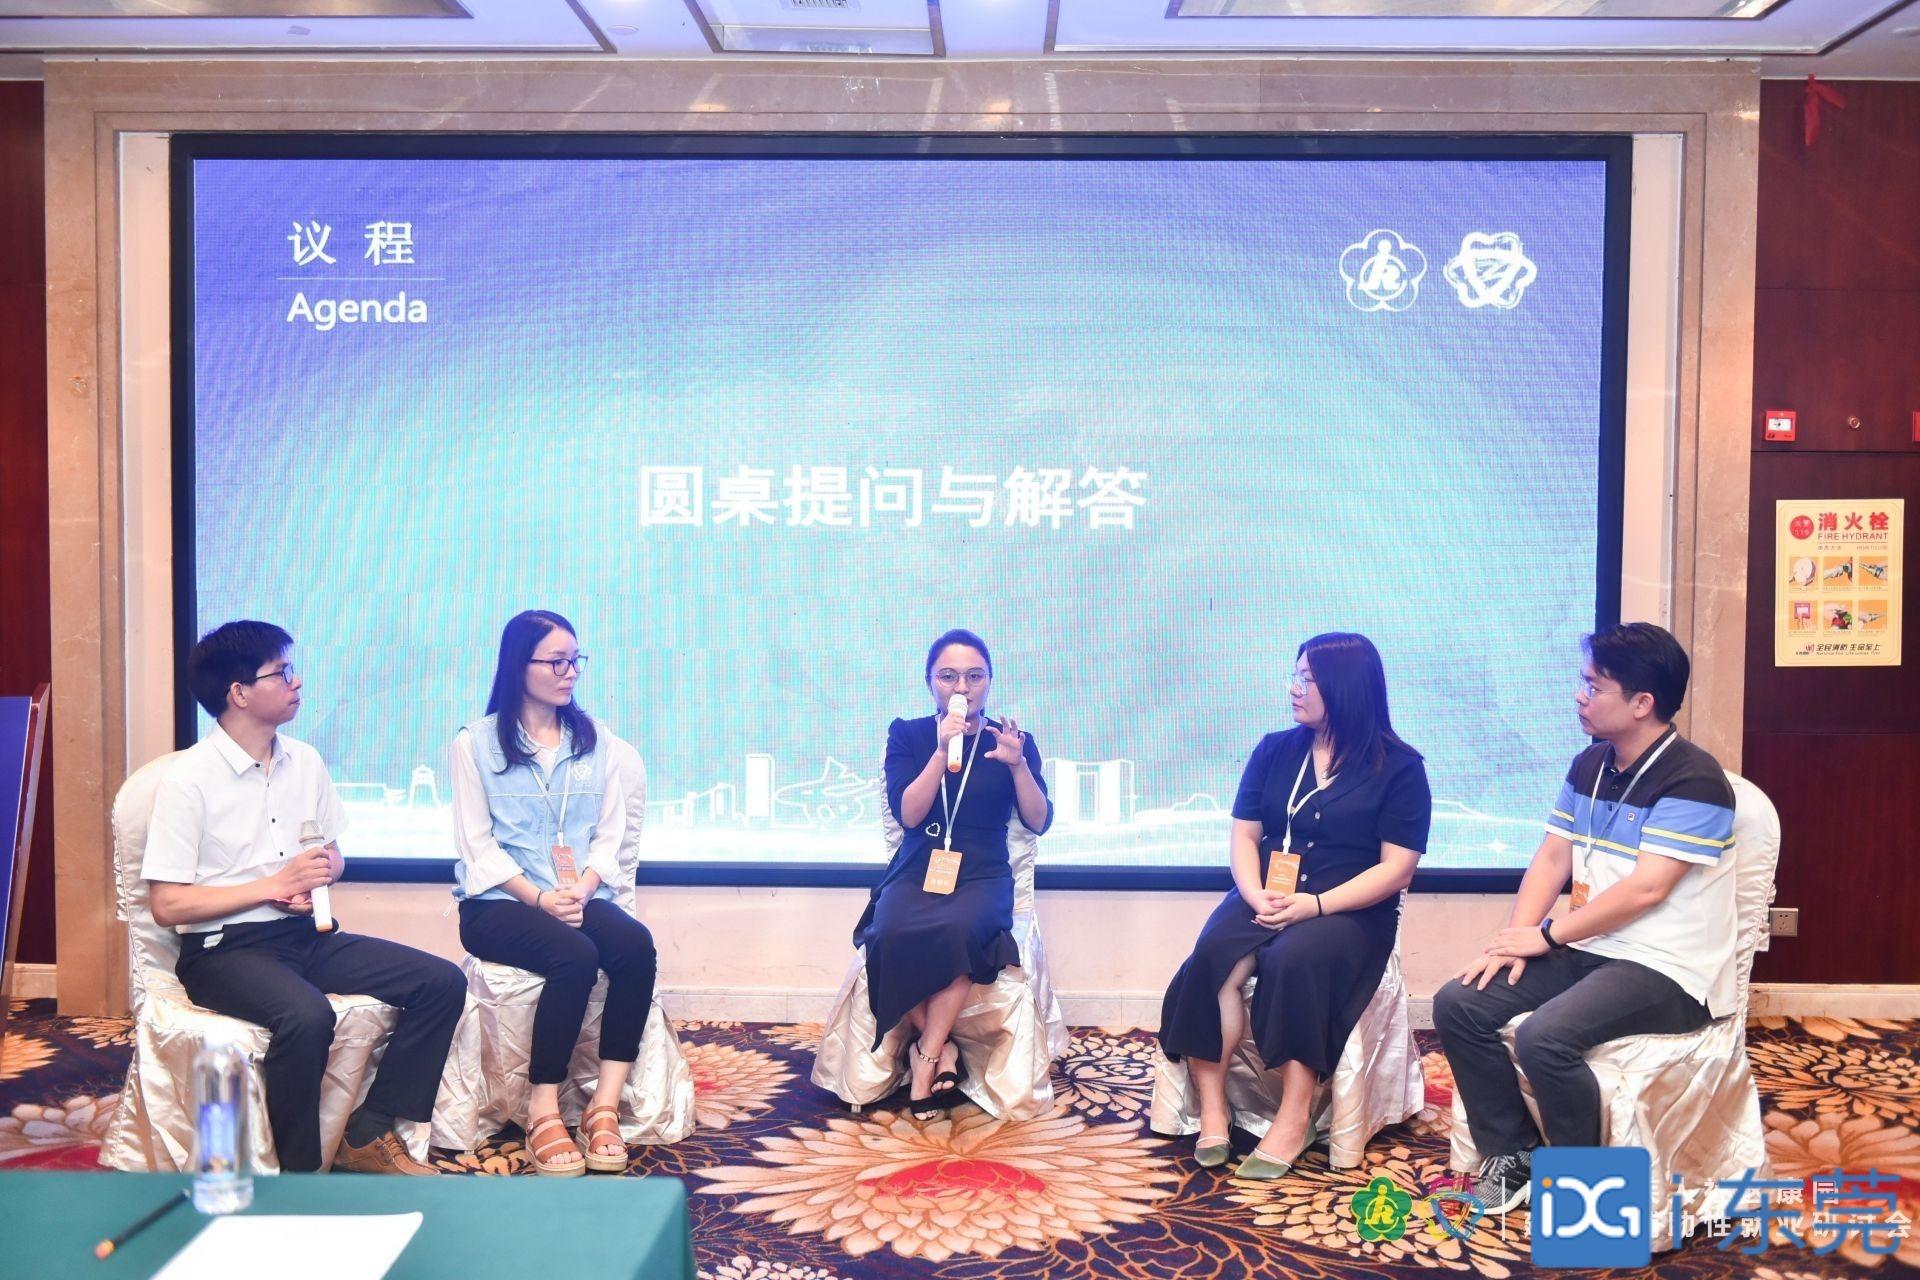 广东残疾人社区康园建设与辅助性就业研讨会在莞举行